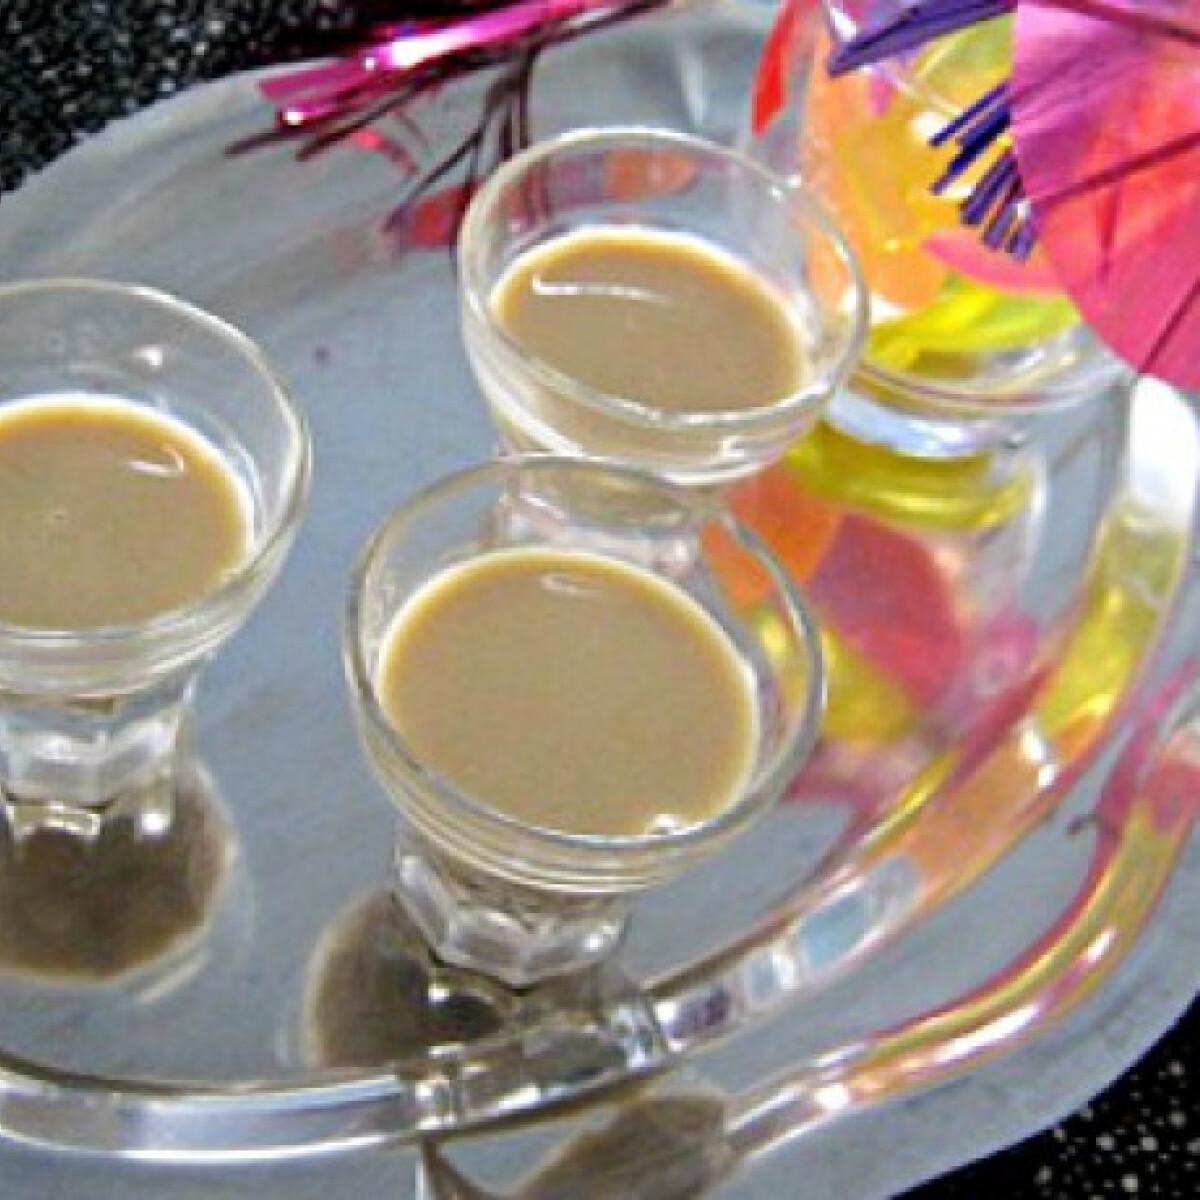 Ezen a képen: Rumos-kávés likőr